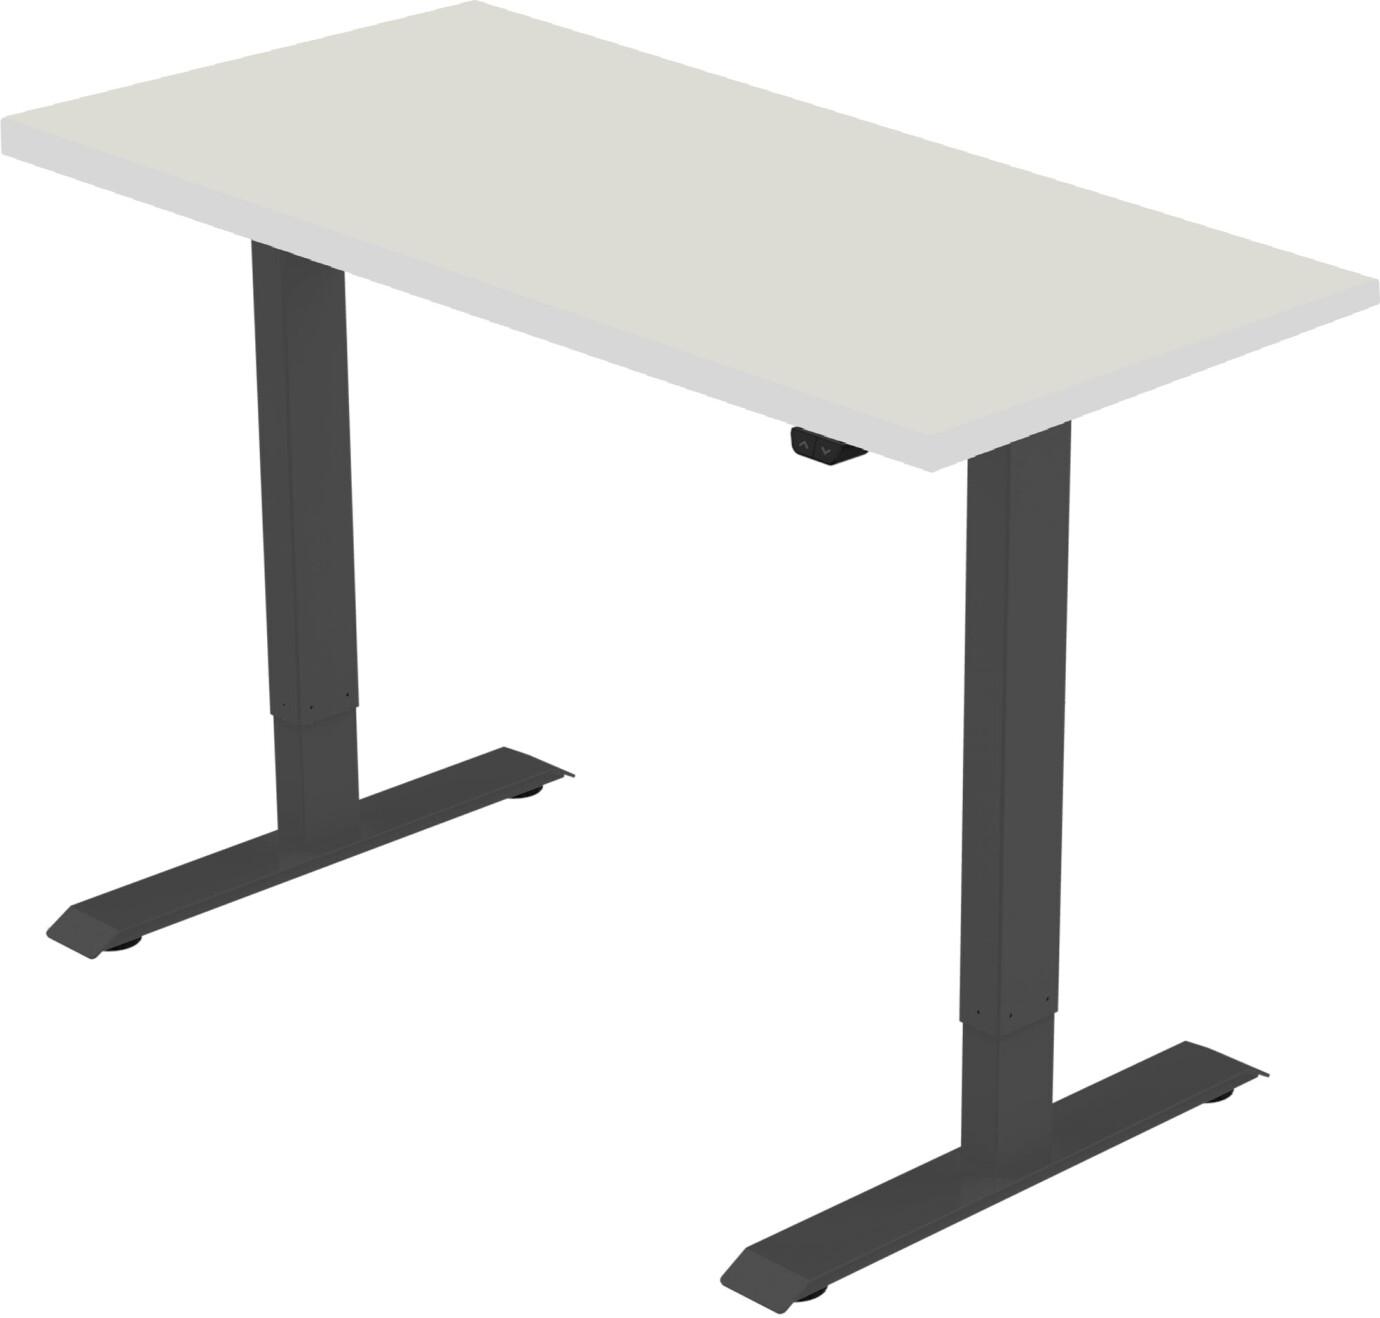 celexon elektrisch höhenverstellbarer Schreibtisch Economy eAdjust-71121 - schwarz, inkl. Tischplatt